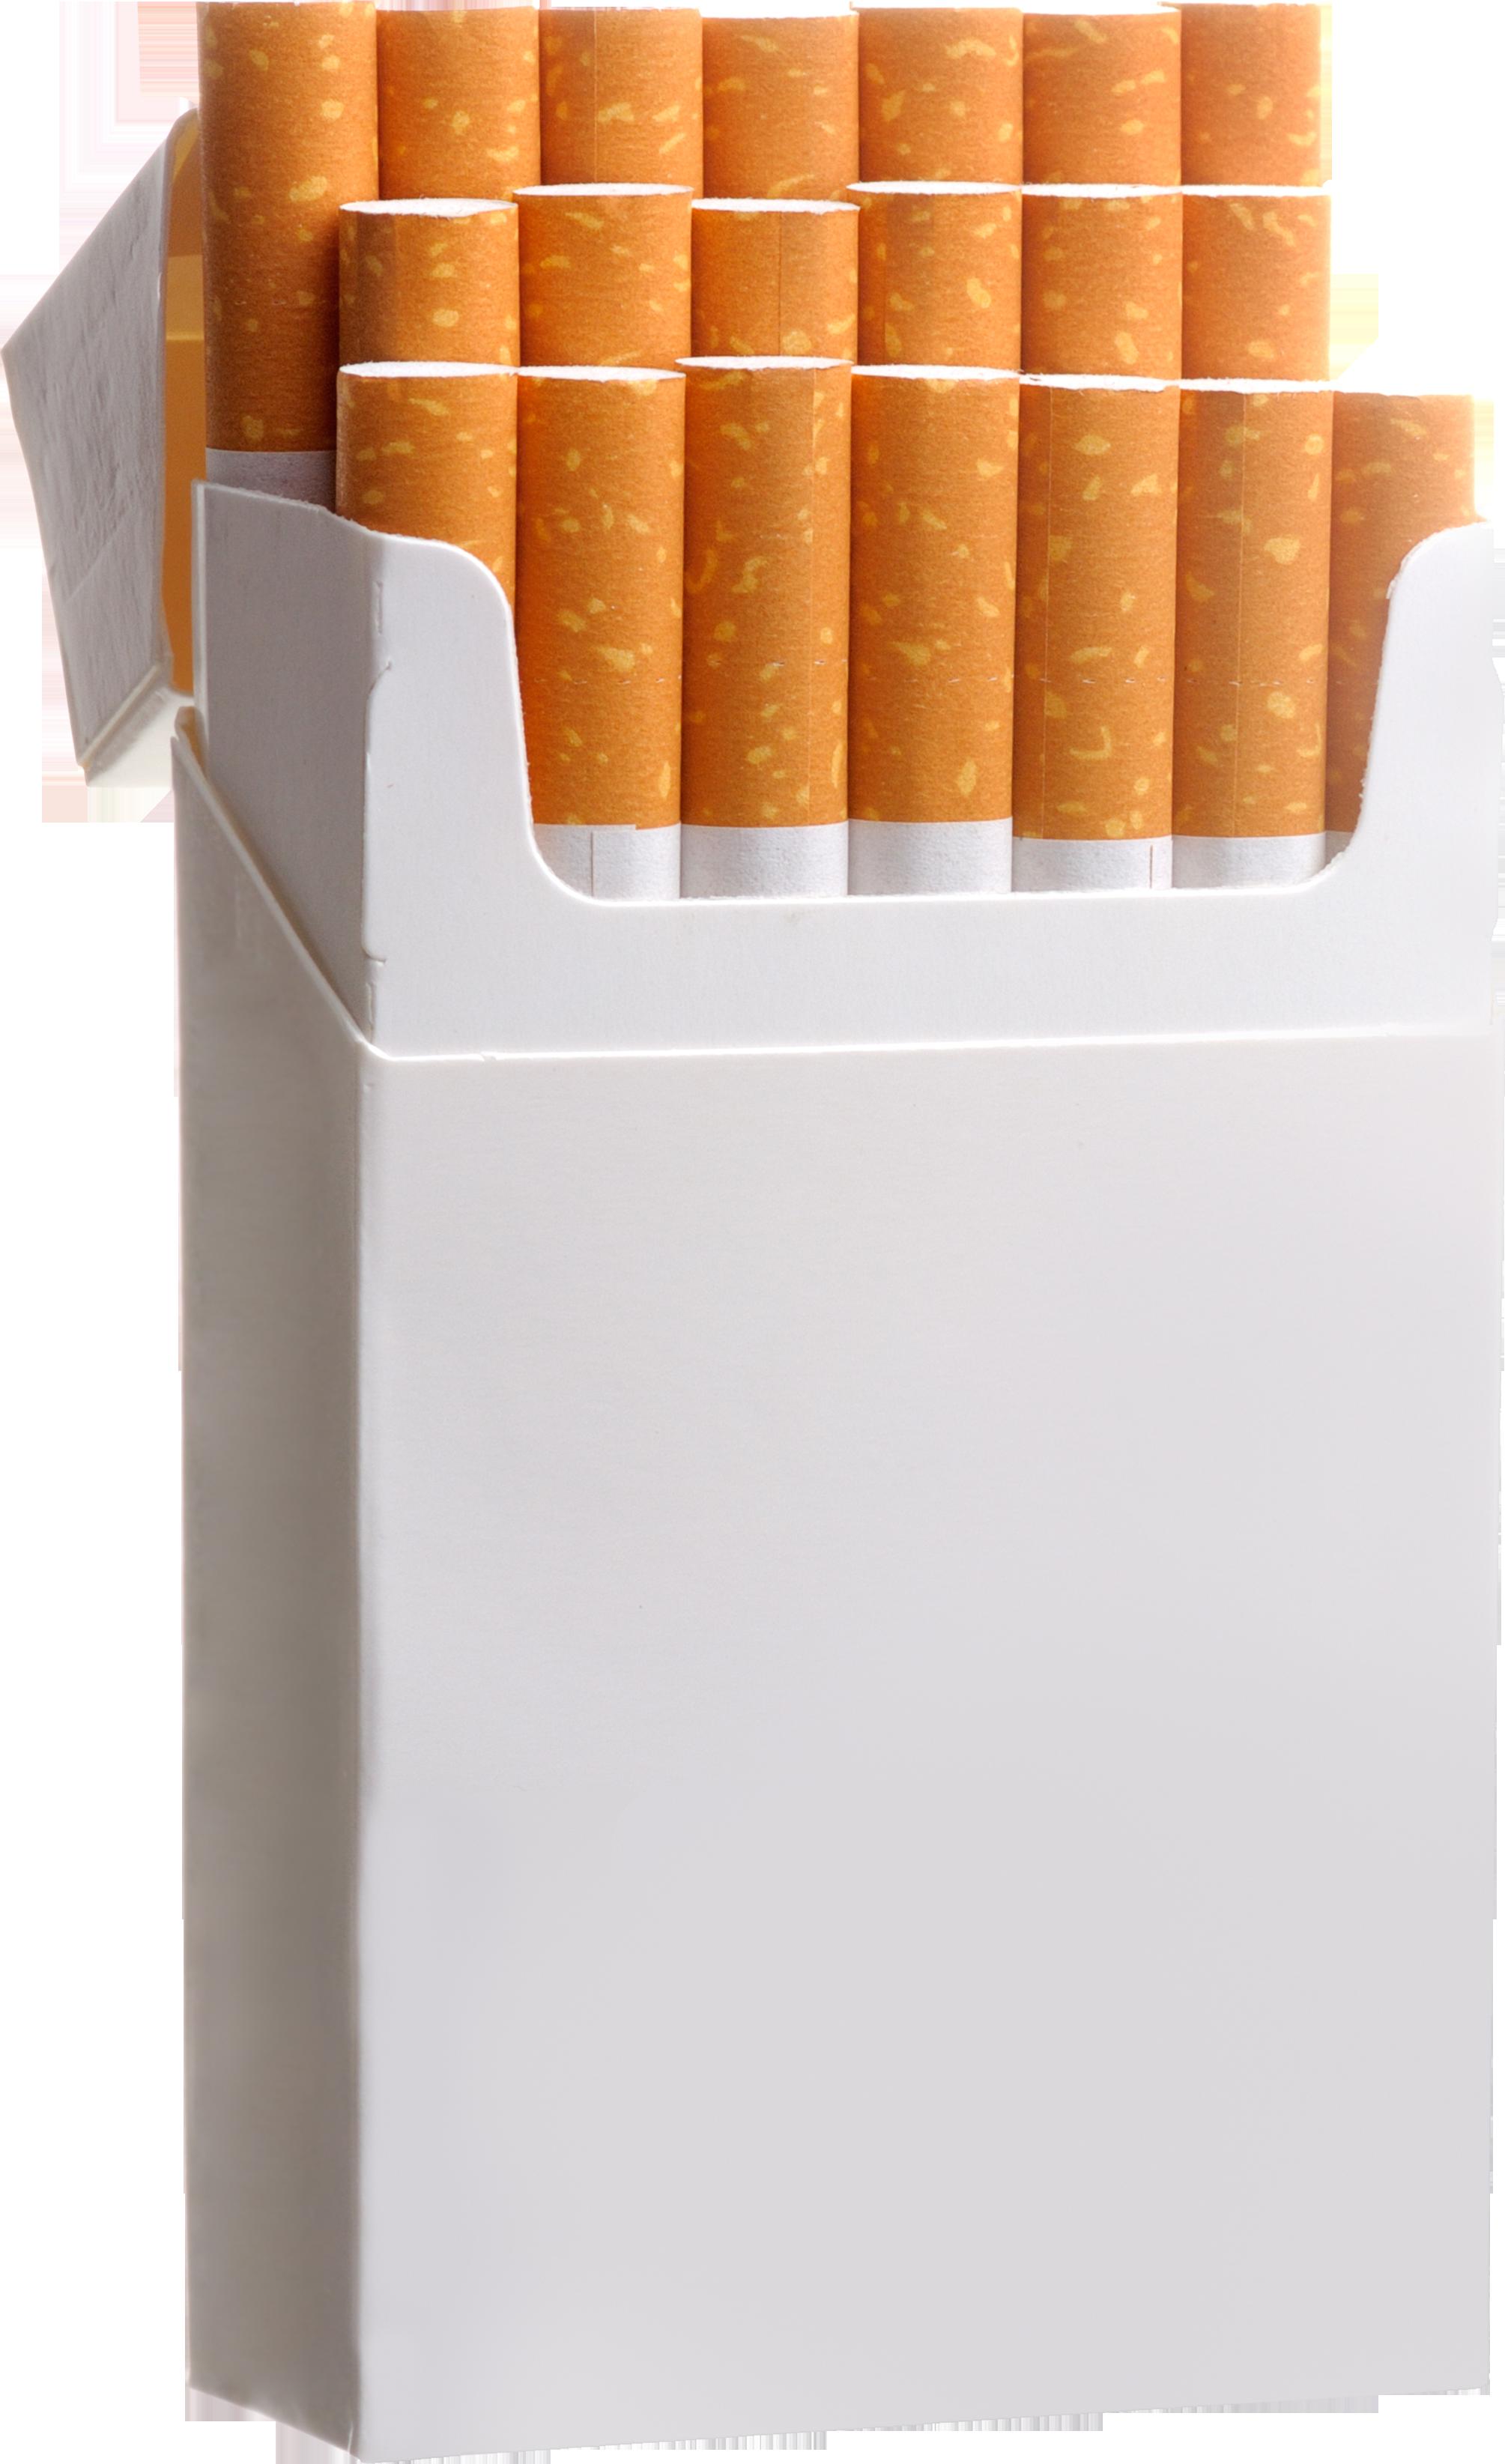 Pin On Cigarette